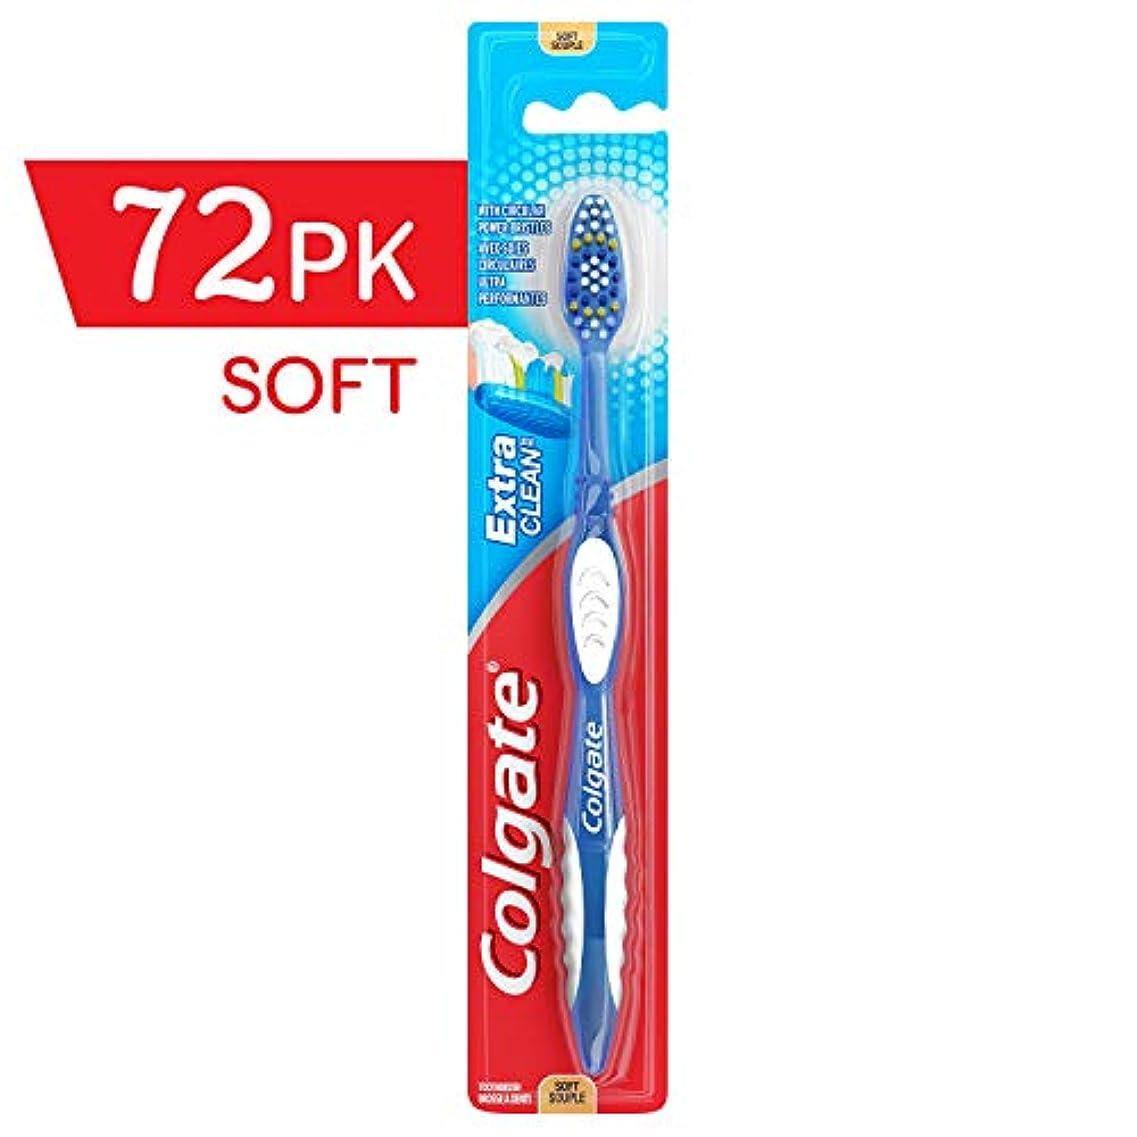 鉄道レビュアー統治するColgate エクストラクリーン歯ブラシソフト、柔らかい歯ブラシ、バルク歯ブラシ、旅行歯ブラシ、(72の場合)(モデル番号:155676)